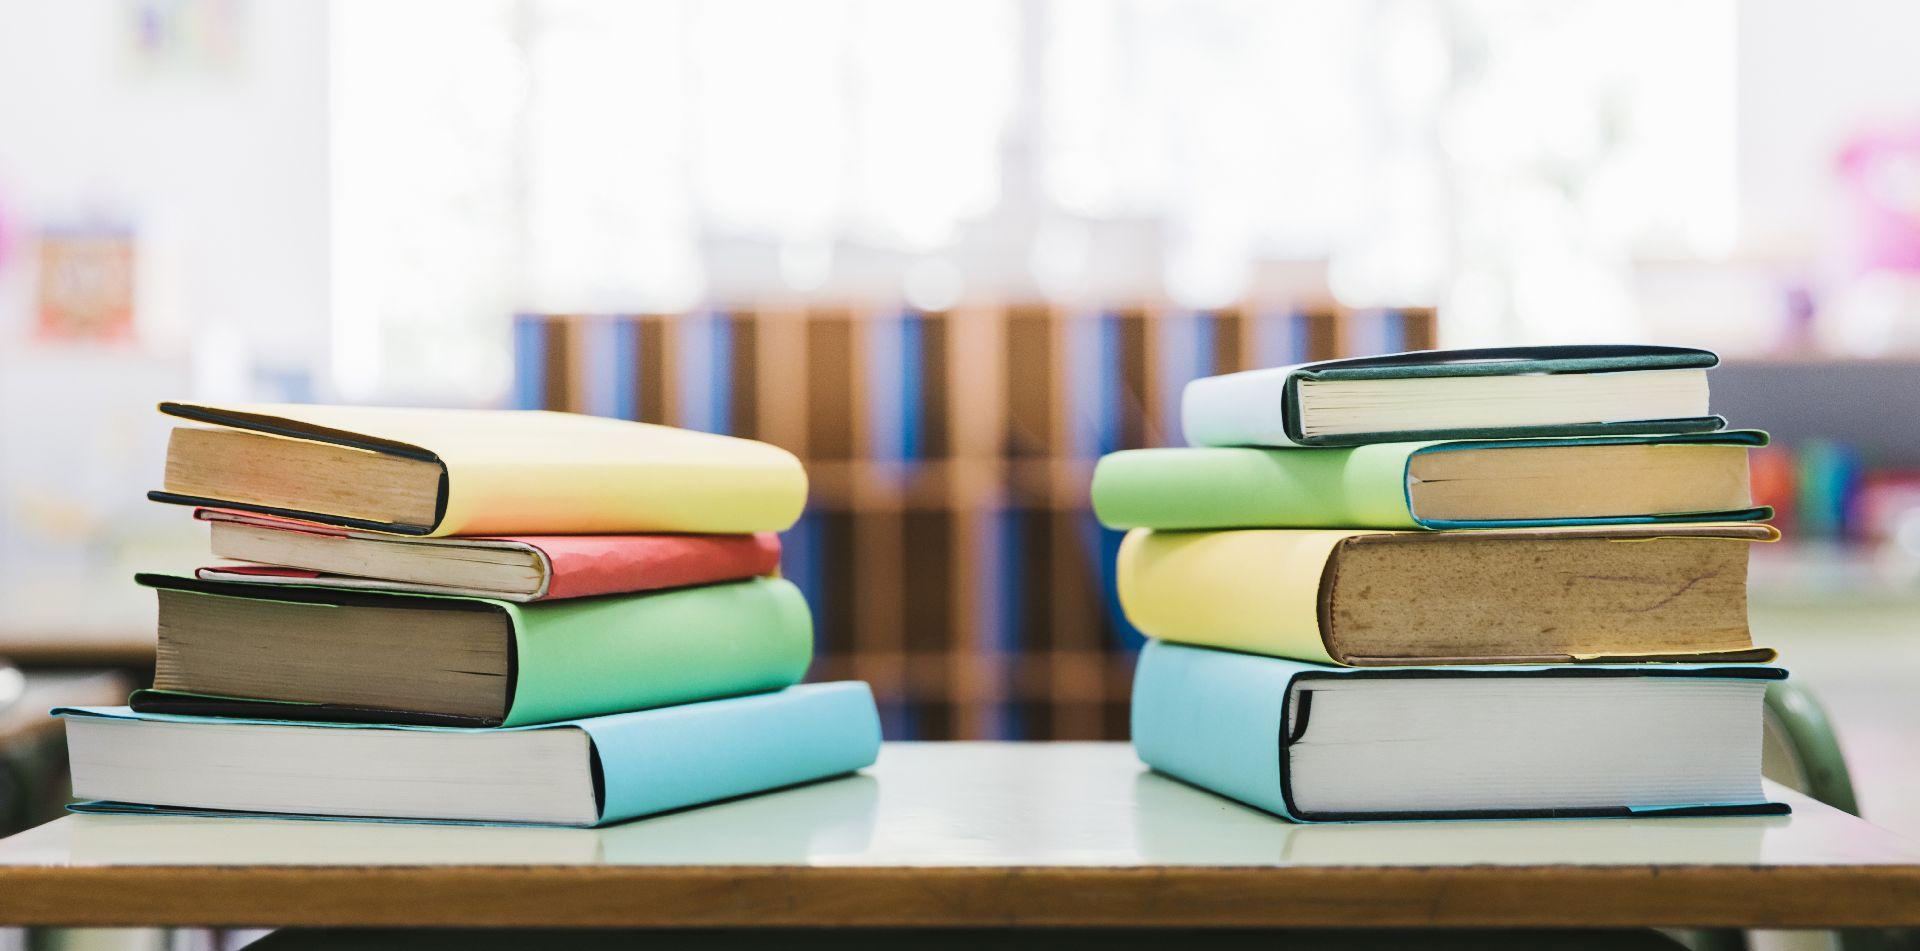 歡迎來到中華圖書資訊學教育學會